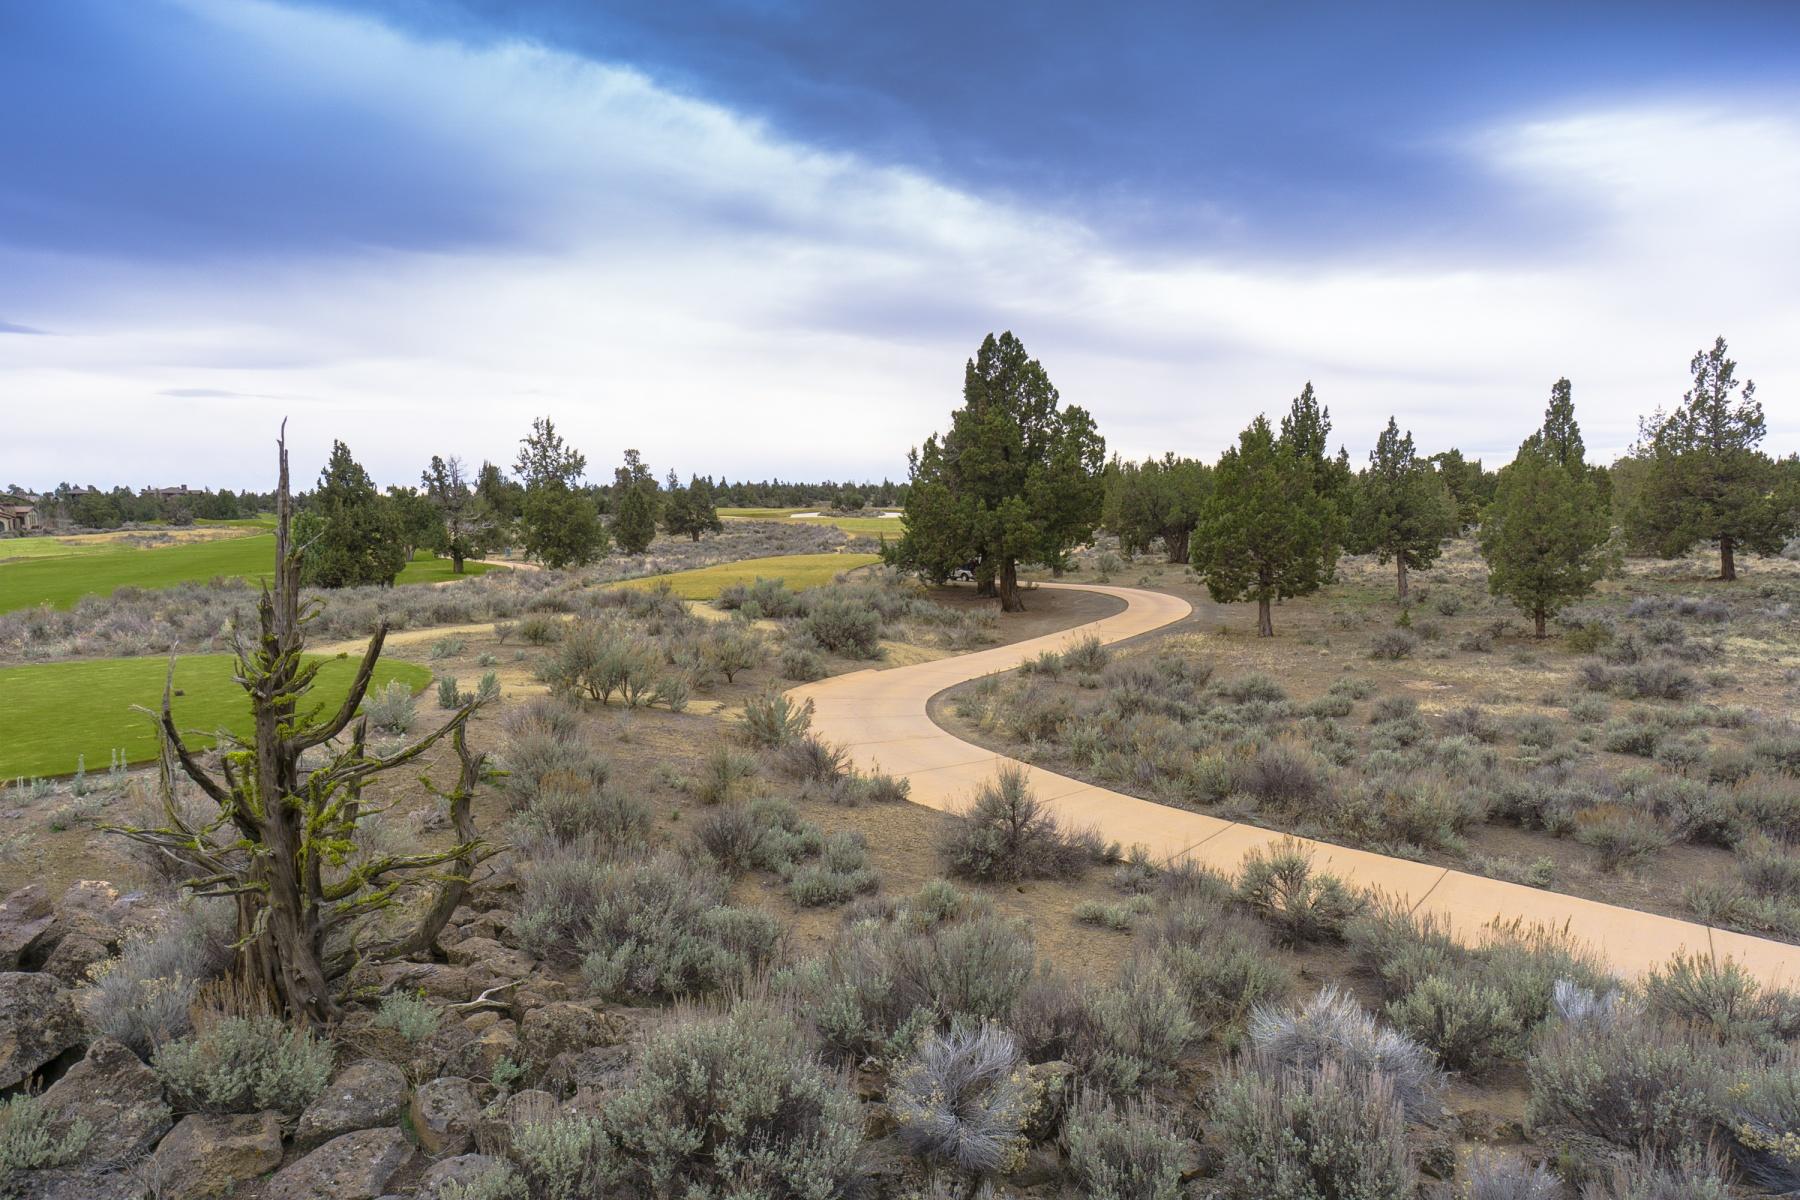 Земля для того Продажа на 23117 Watercourse Way Lot 52, BEND Bend, Орегон, 97701 Соединенные Штаты